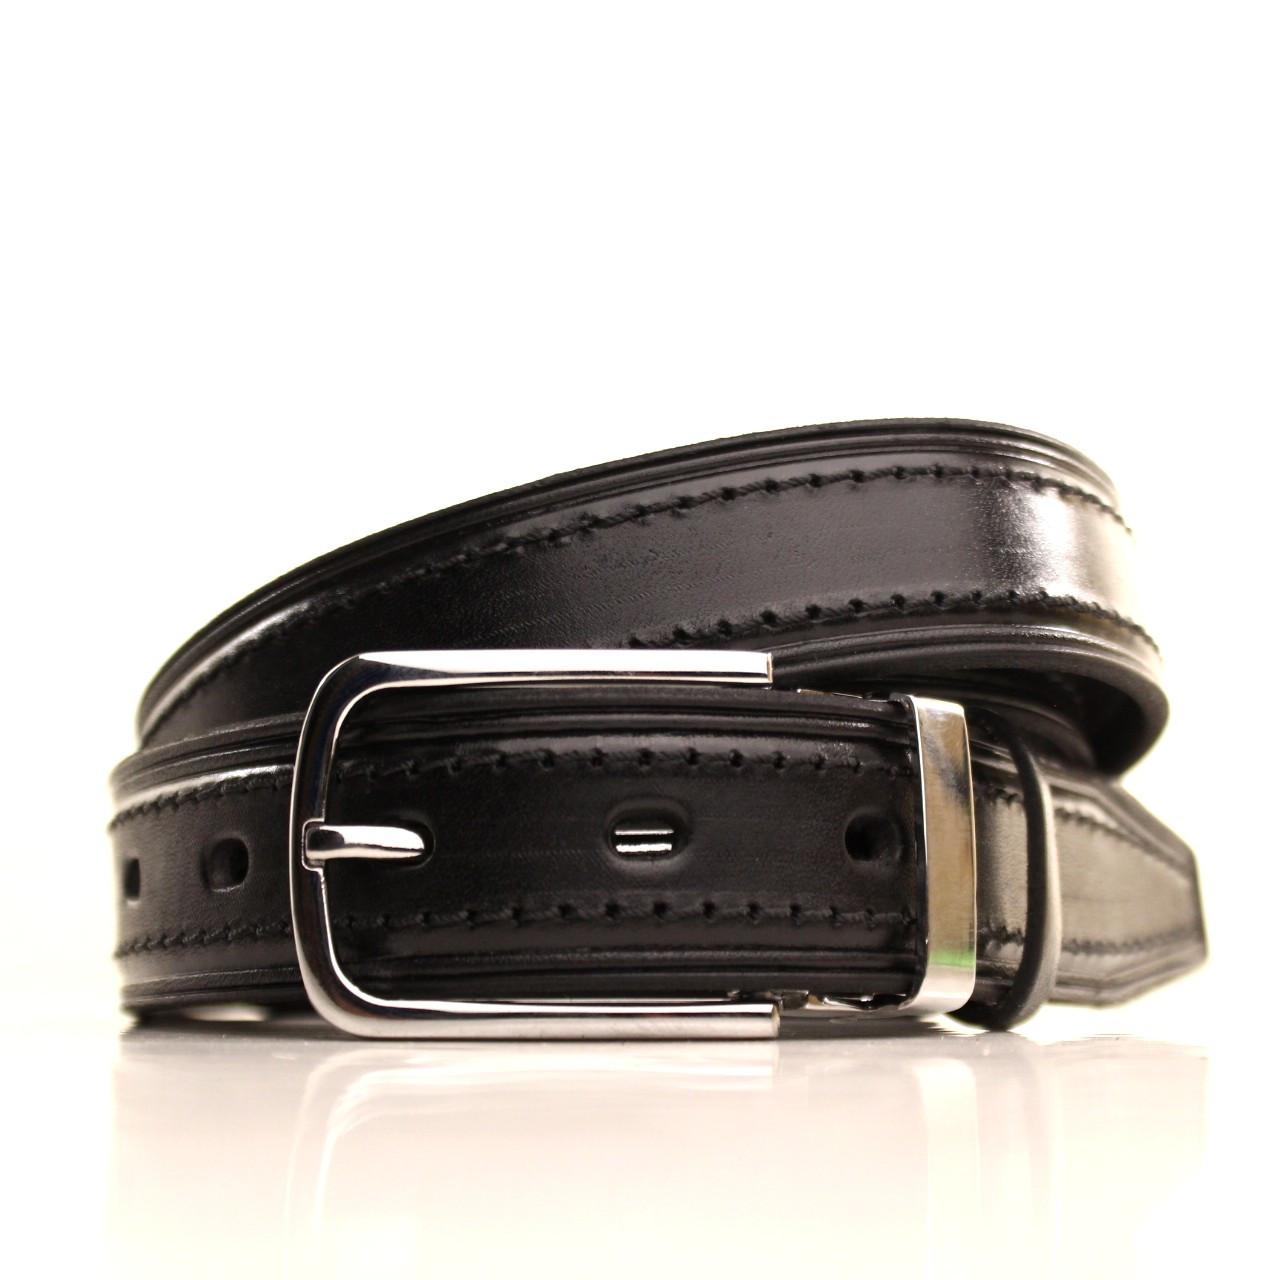 Ремень кожаный Lazar 105-115 см черный l30u1w5-1